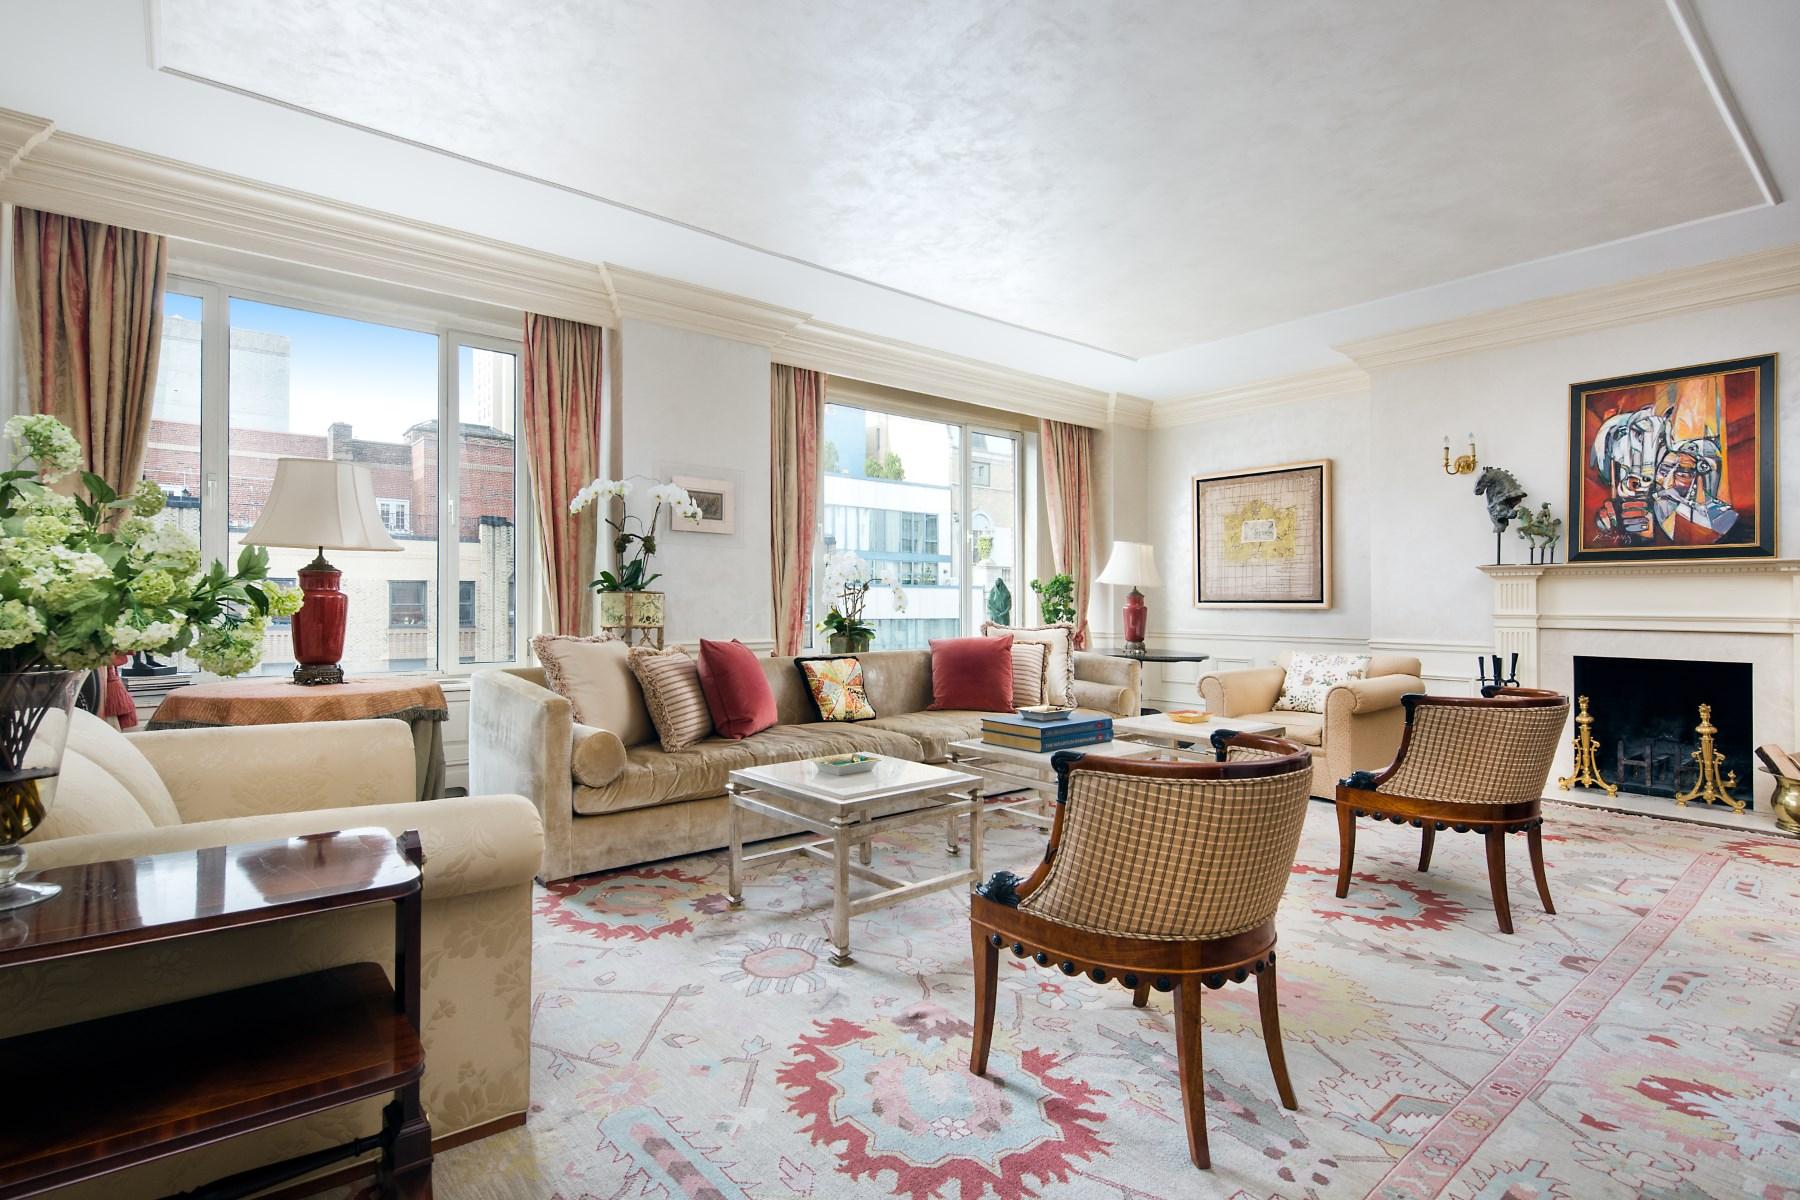 Mietervereinswohnung für Verkauf beim 333 East 57th Street 333 East 57th Street Apt 15B Sutton Place, New York, New York, 10022 Vereinigte Staaten